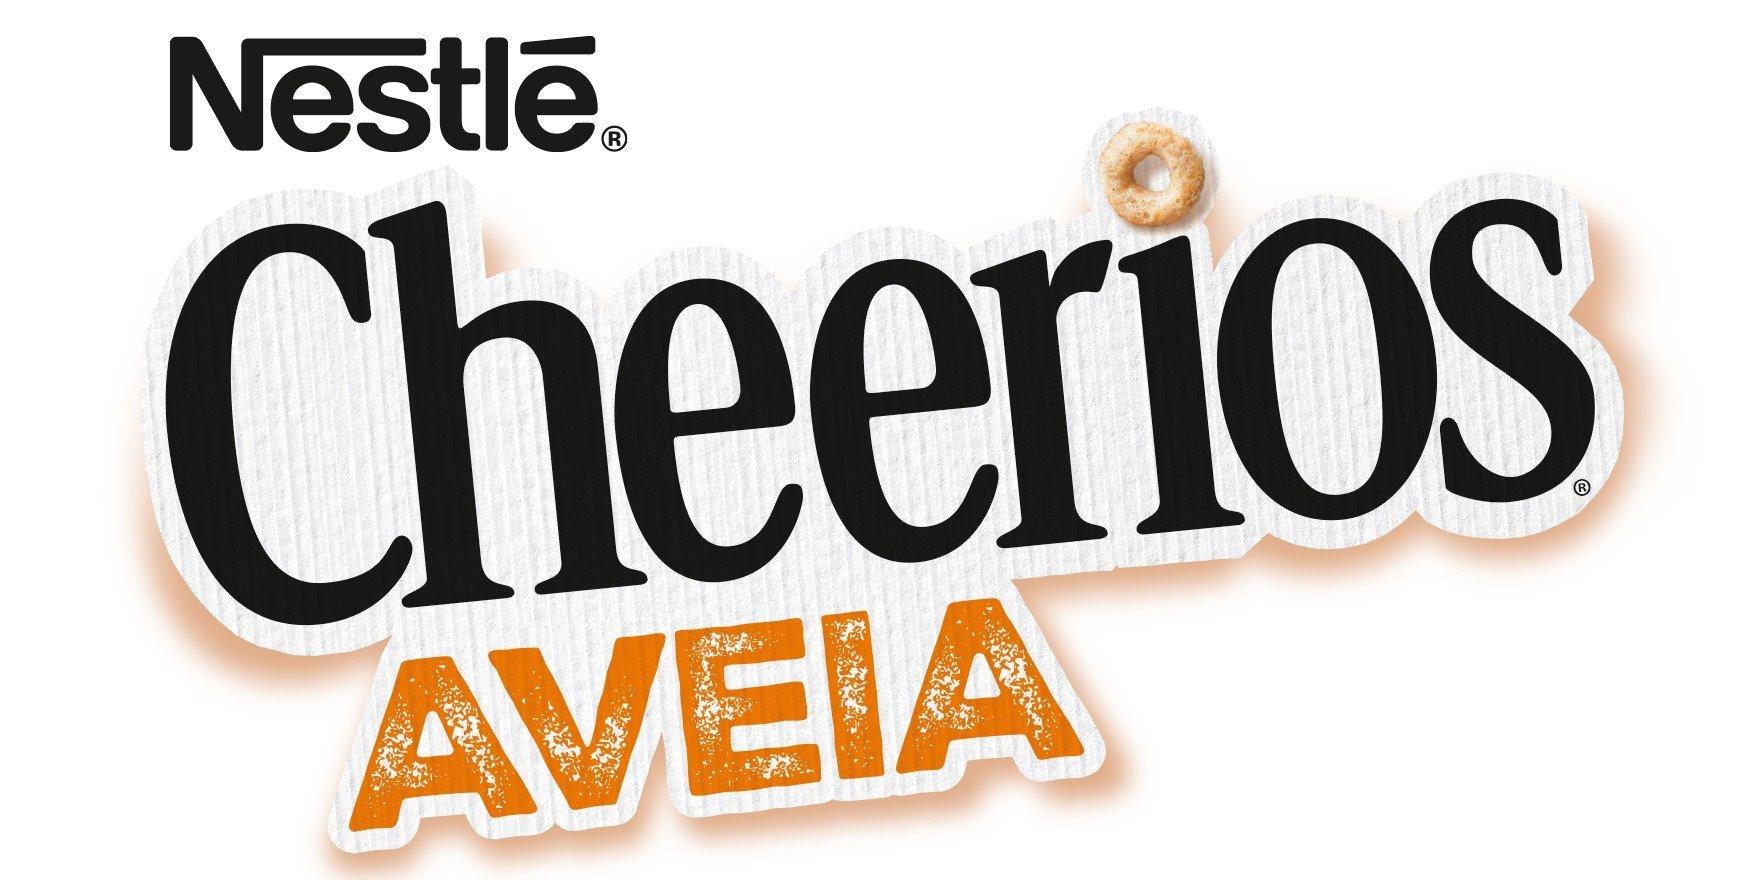 Nestlé lança novos cereais CHEERIOS® Aveia